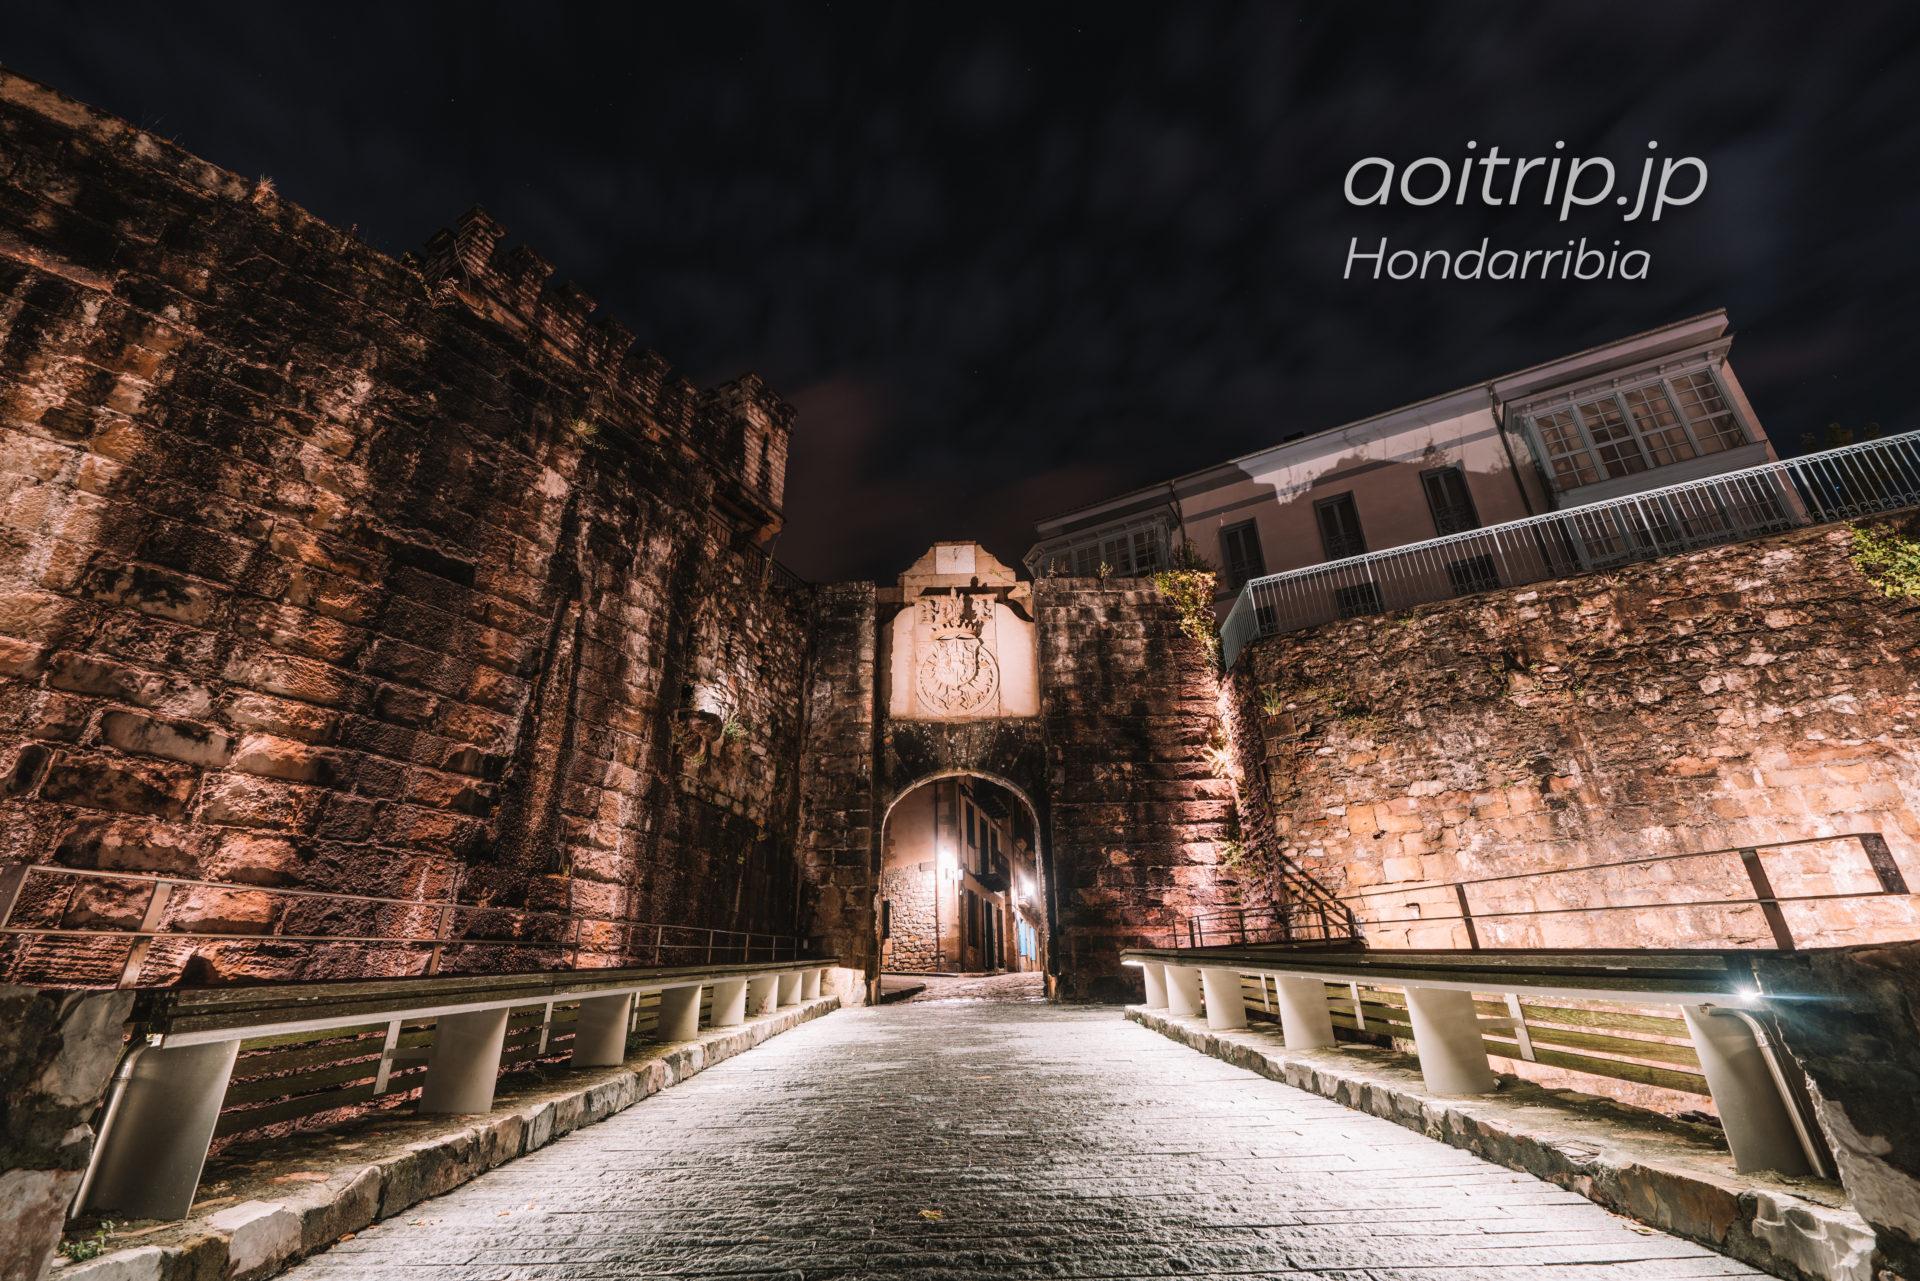 オンダリビアの夜景 Puerta de Santa María サンタマリア門